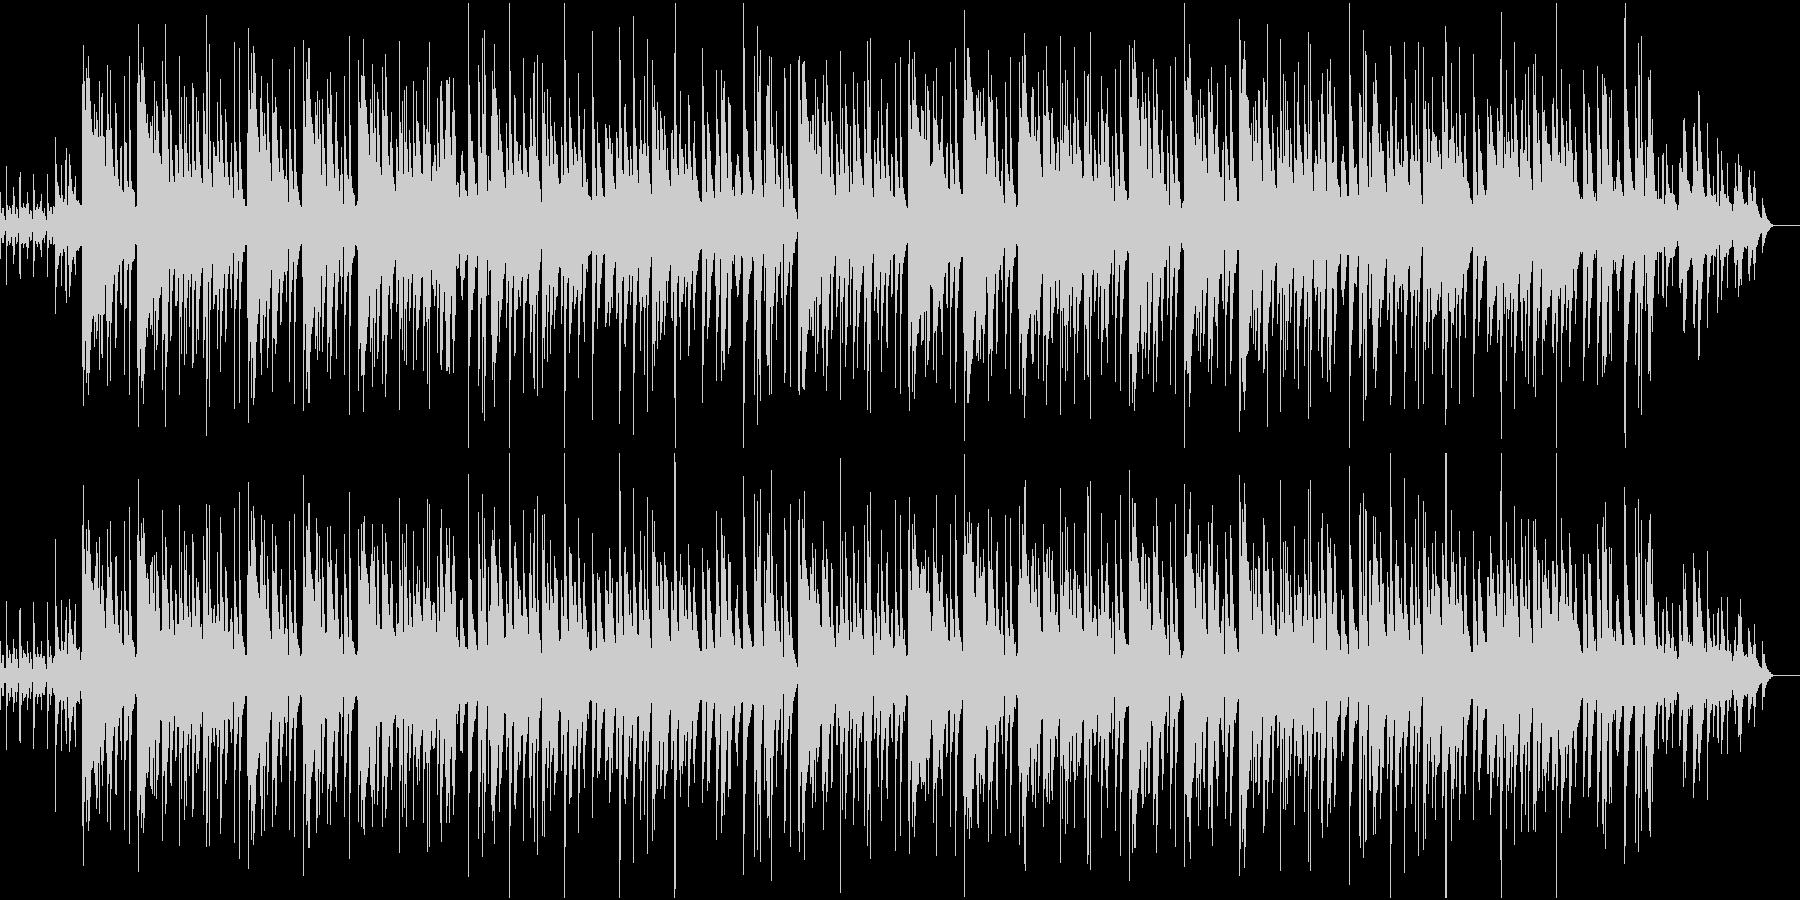 シャープで洗練されたジャズの未再生の波形